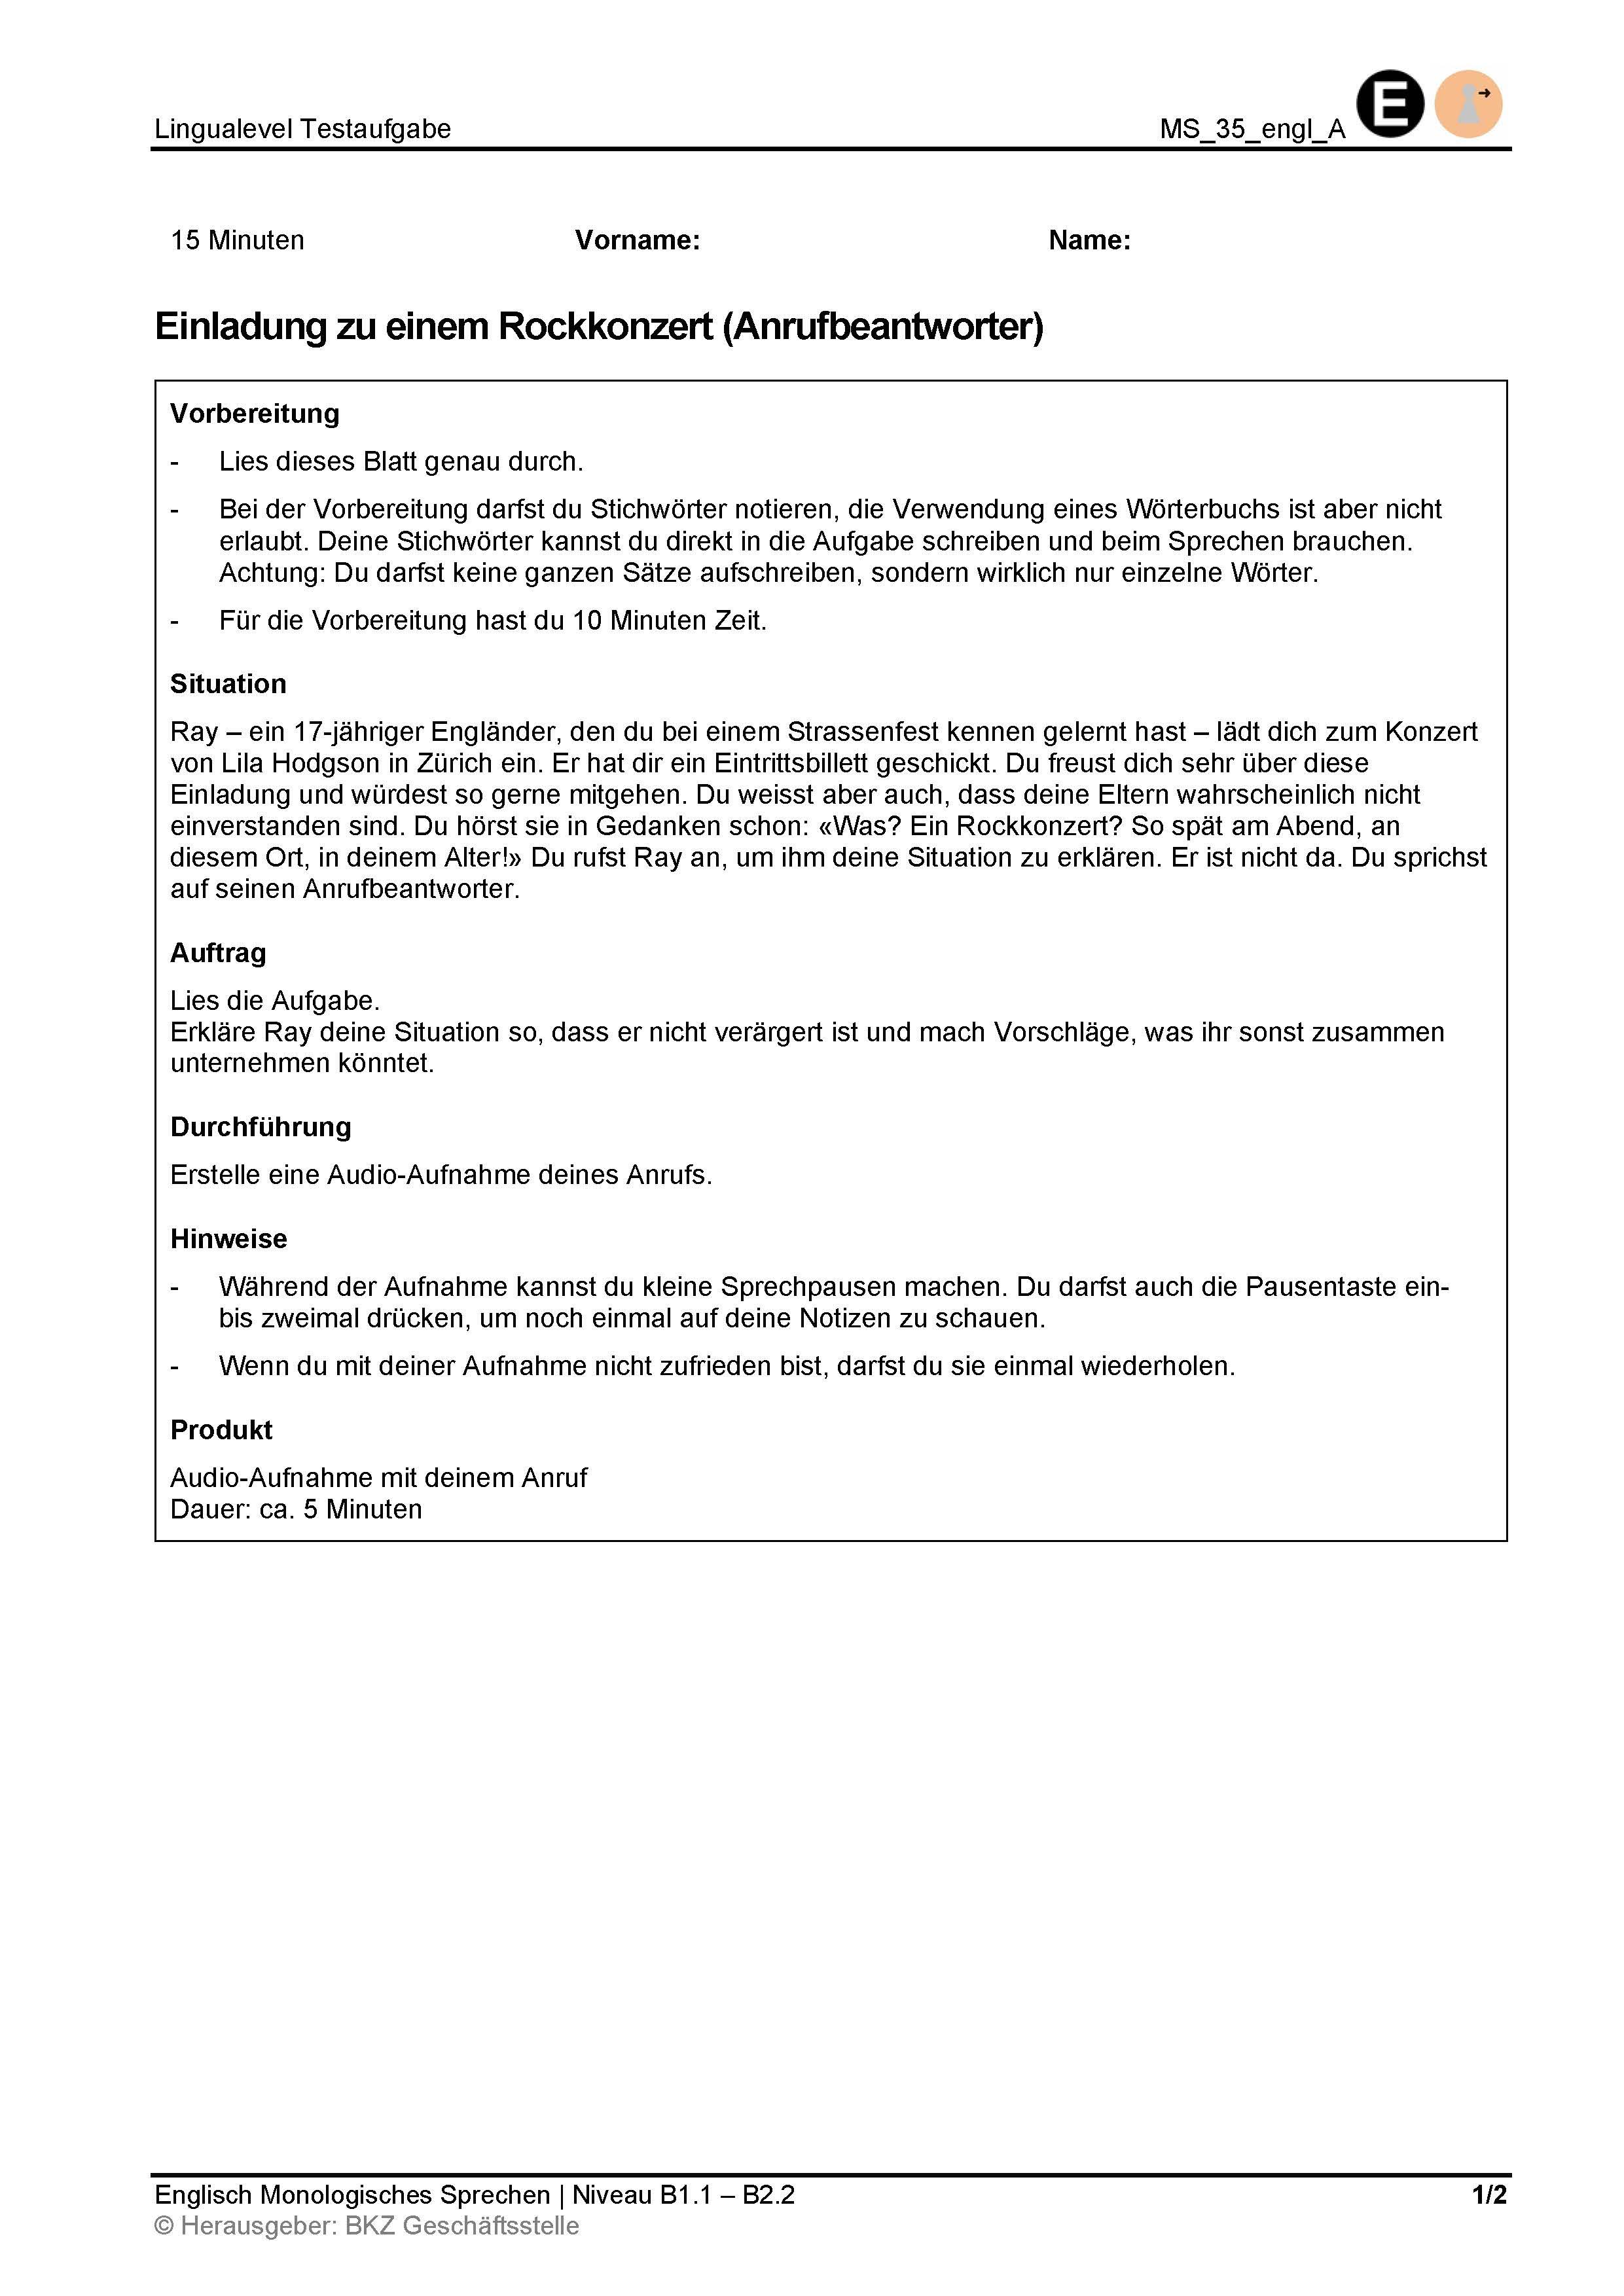 Preview image for LOM object Monologisches Sprechen: Einladung zu einem Rockkonzert (Anrufbeantworter)